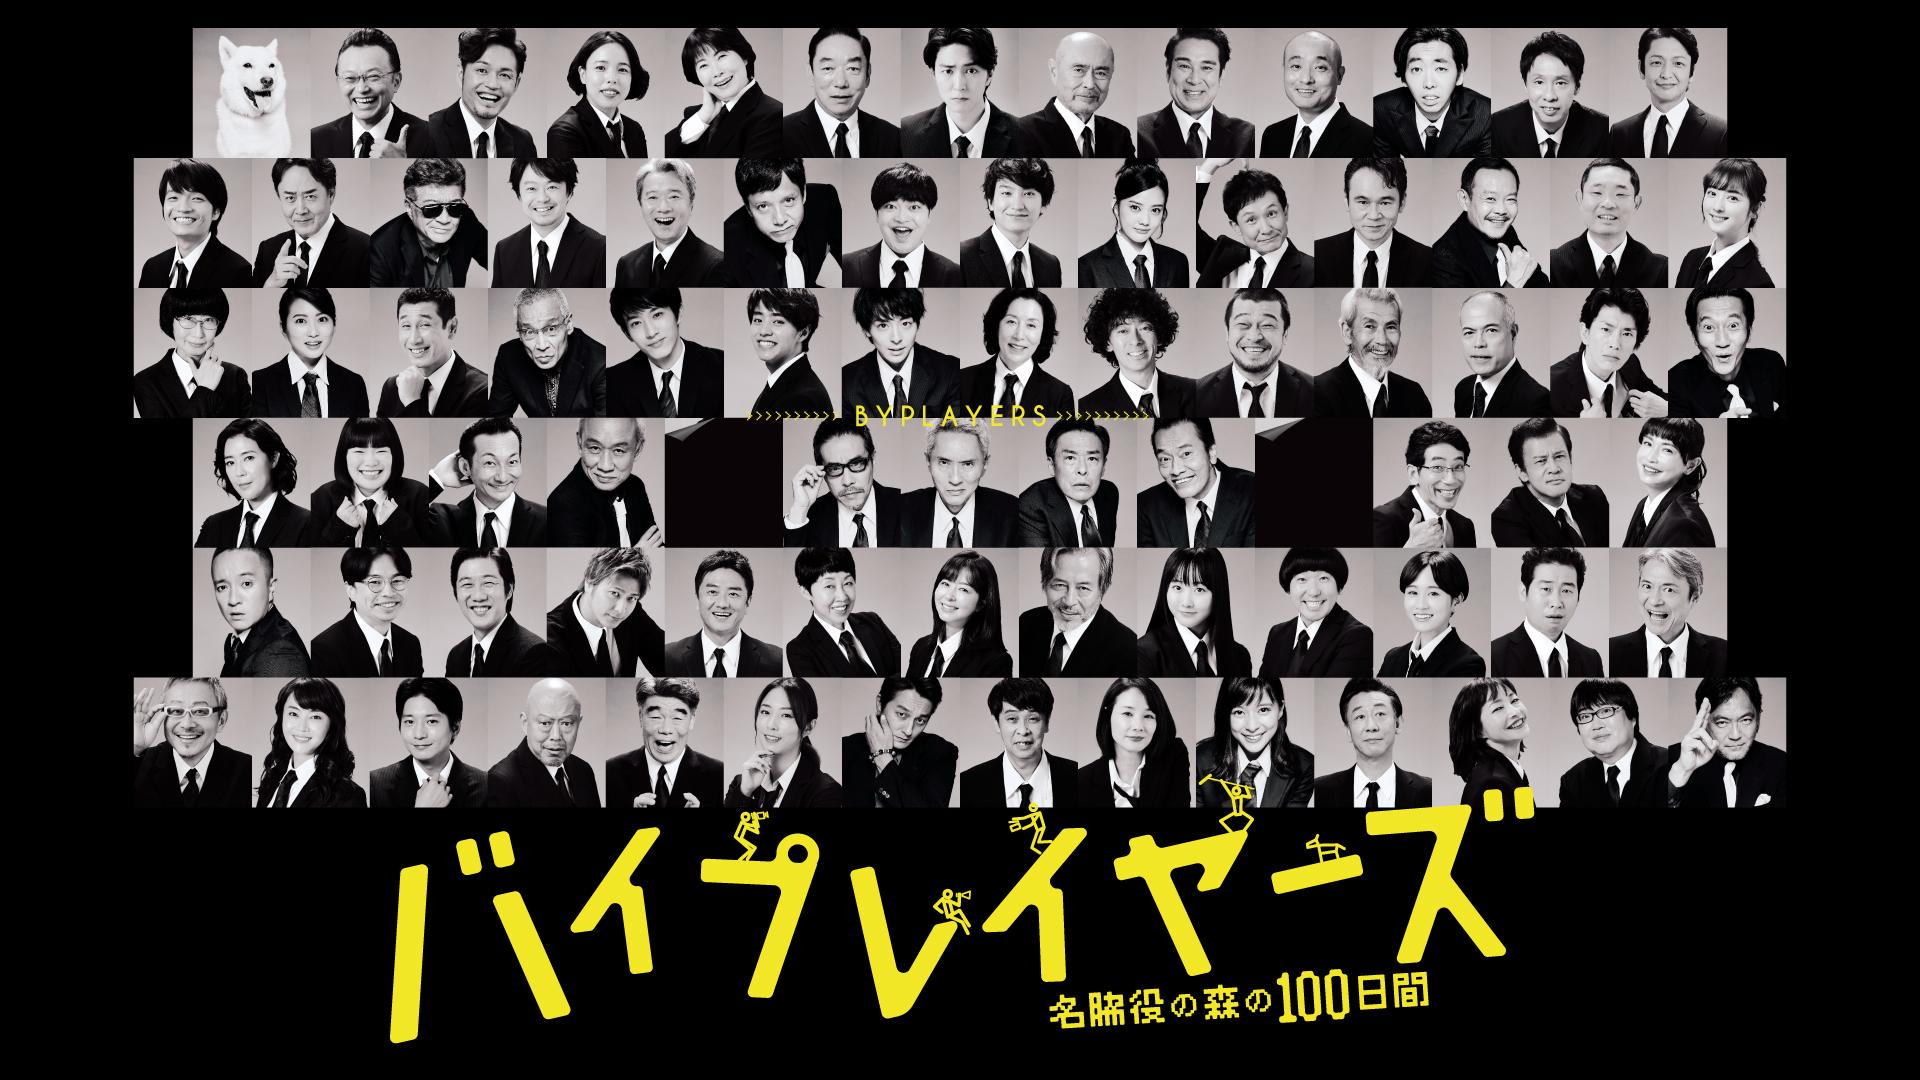 バイプレイヤーズ~名脇役の森の100日間~